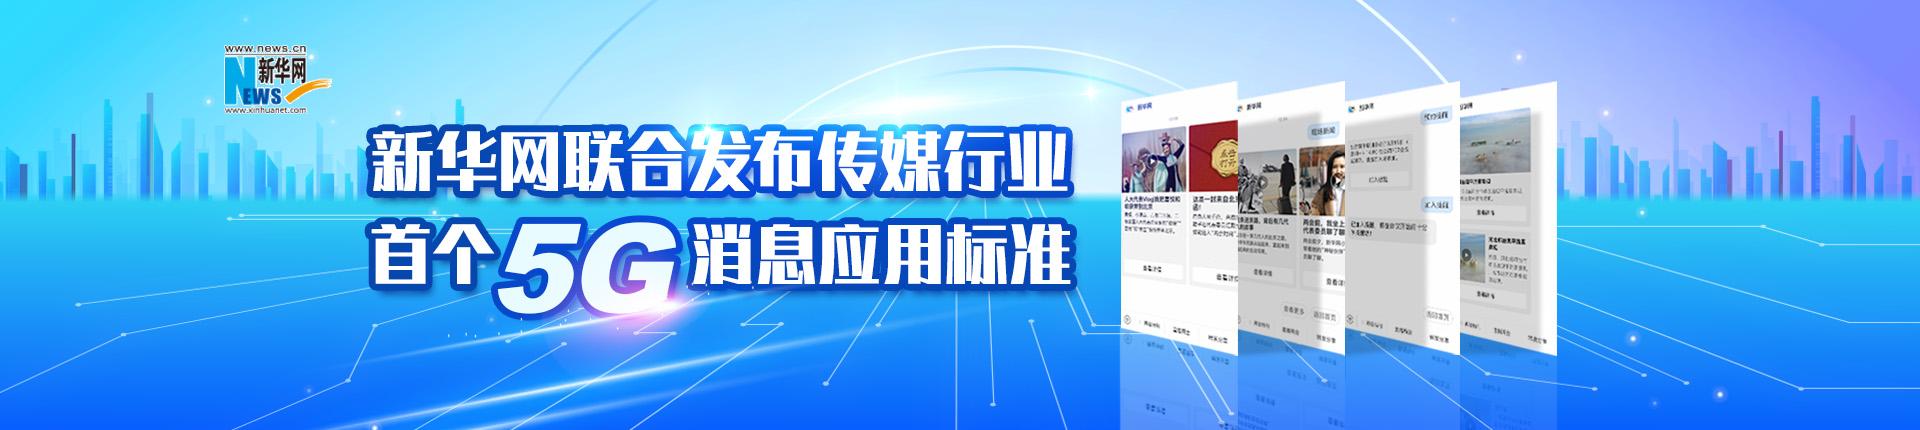 新華網聯合發布傳媒行業首個5G消息應用標準